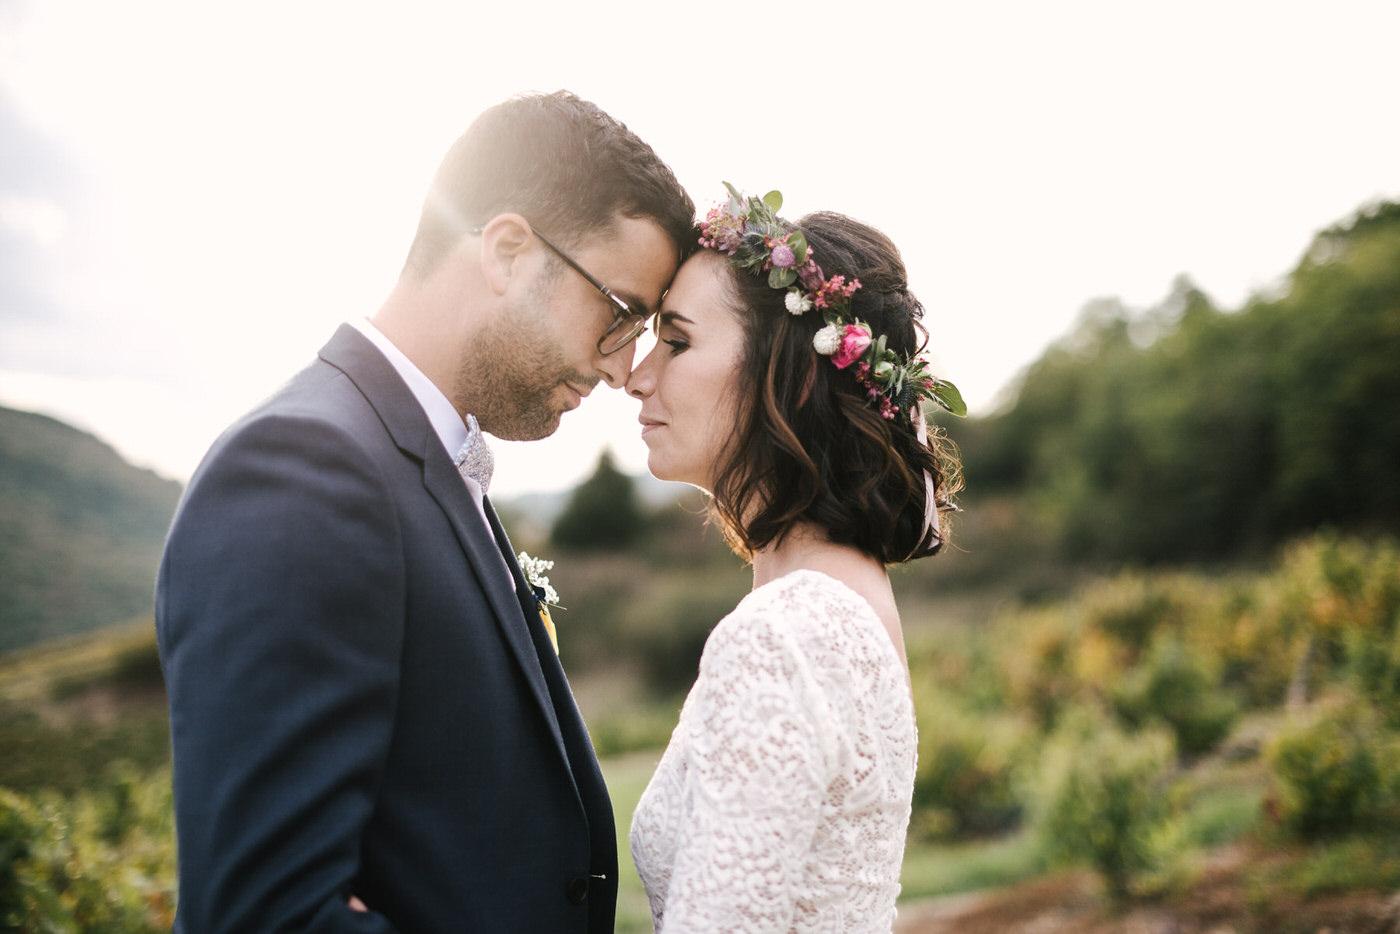 Photographe mariage grenoble lyon fontainebleau nature montagne guinguette paris